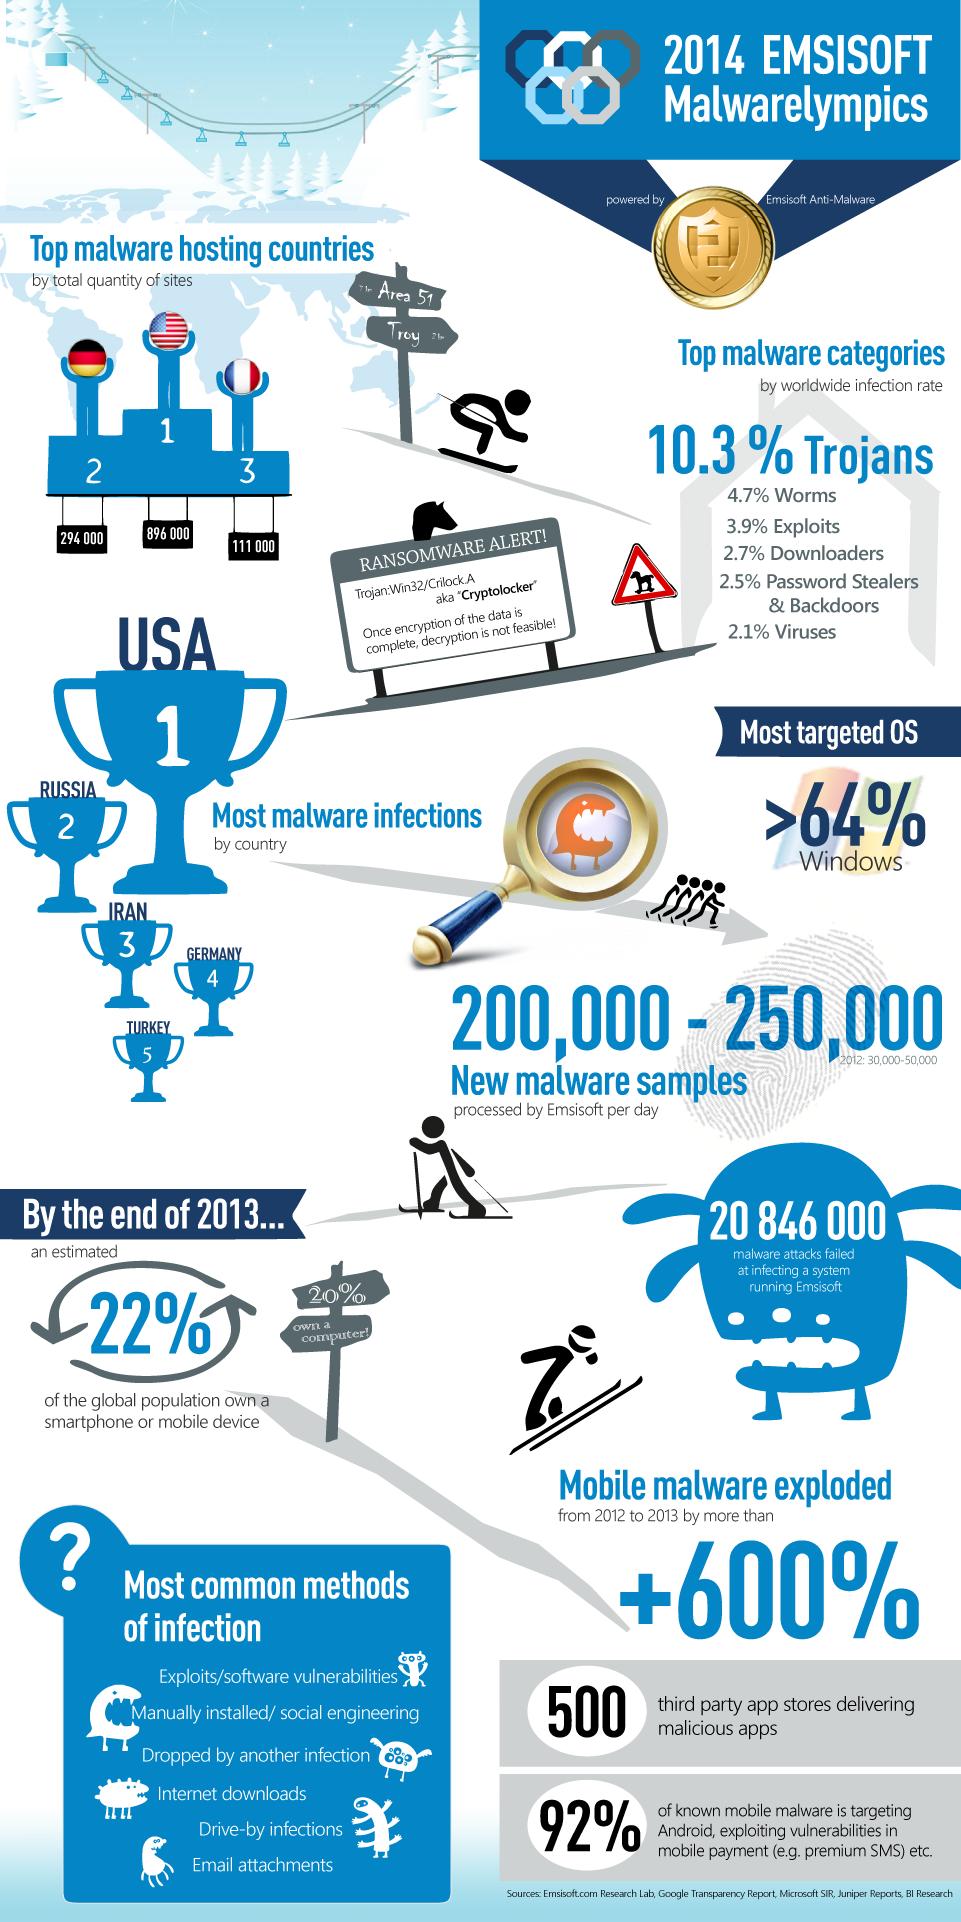 emsisoft-malwarelympics2014-en